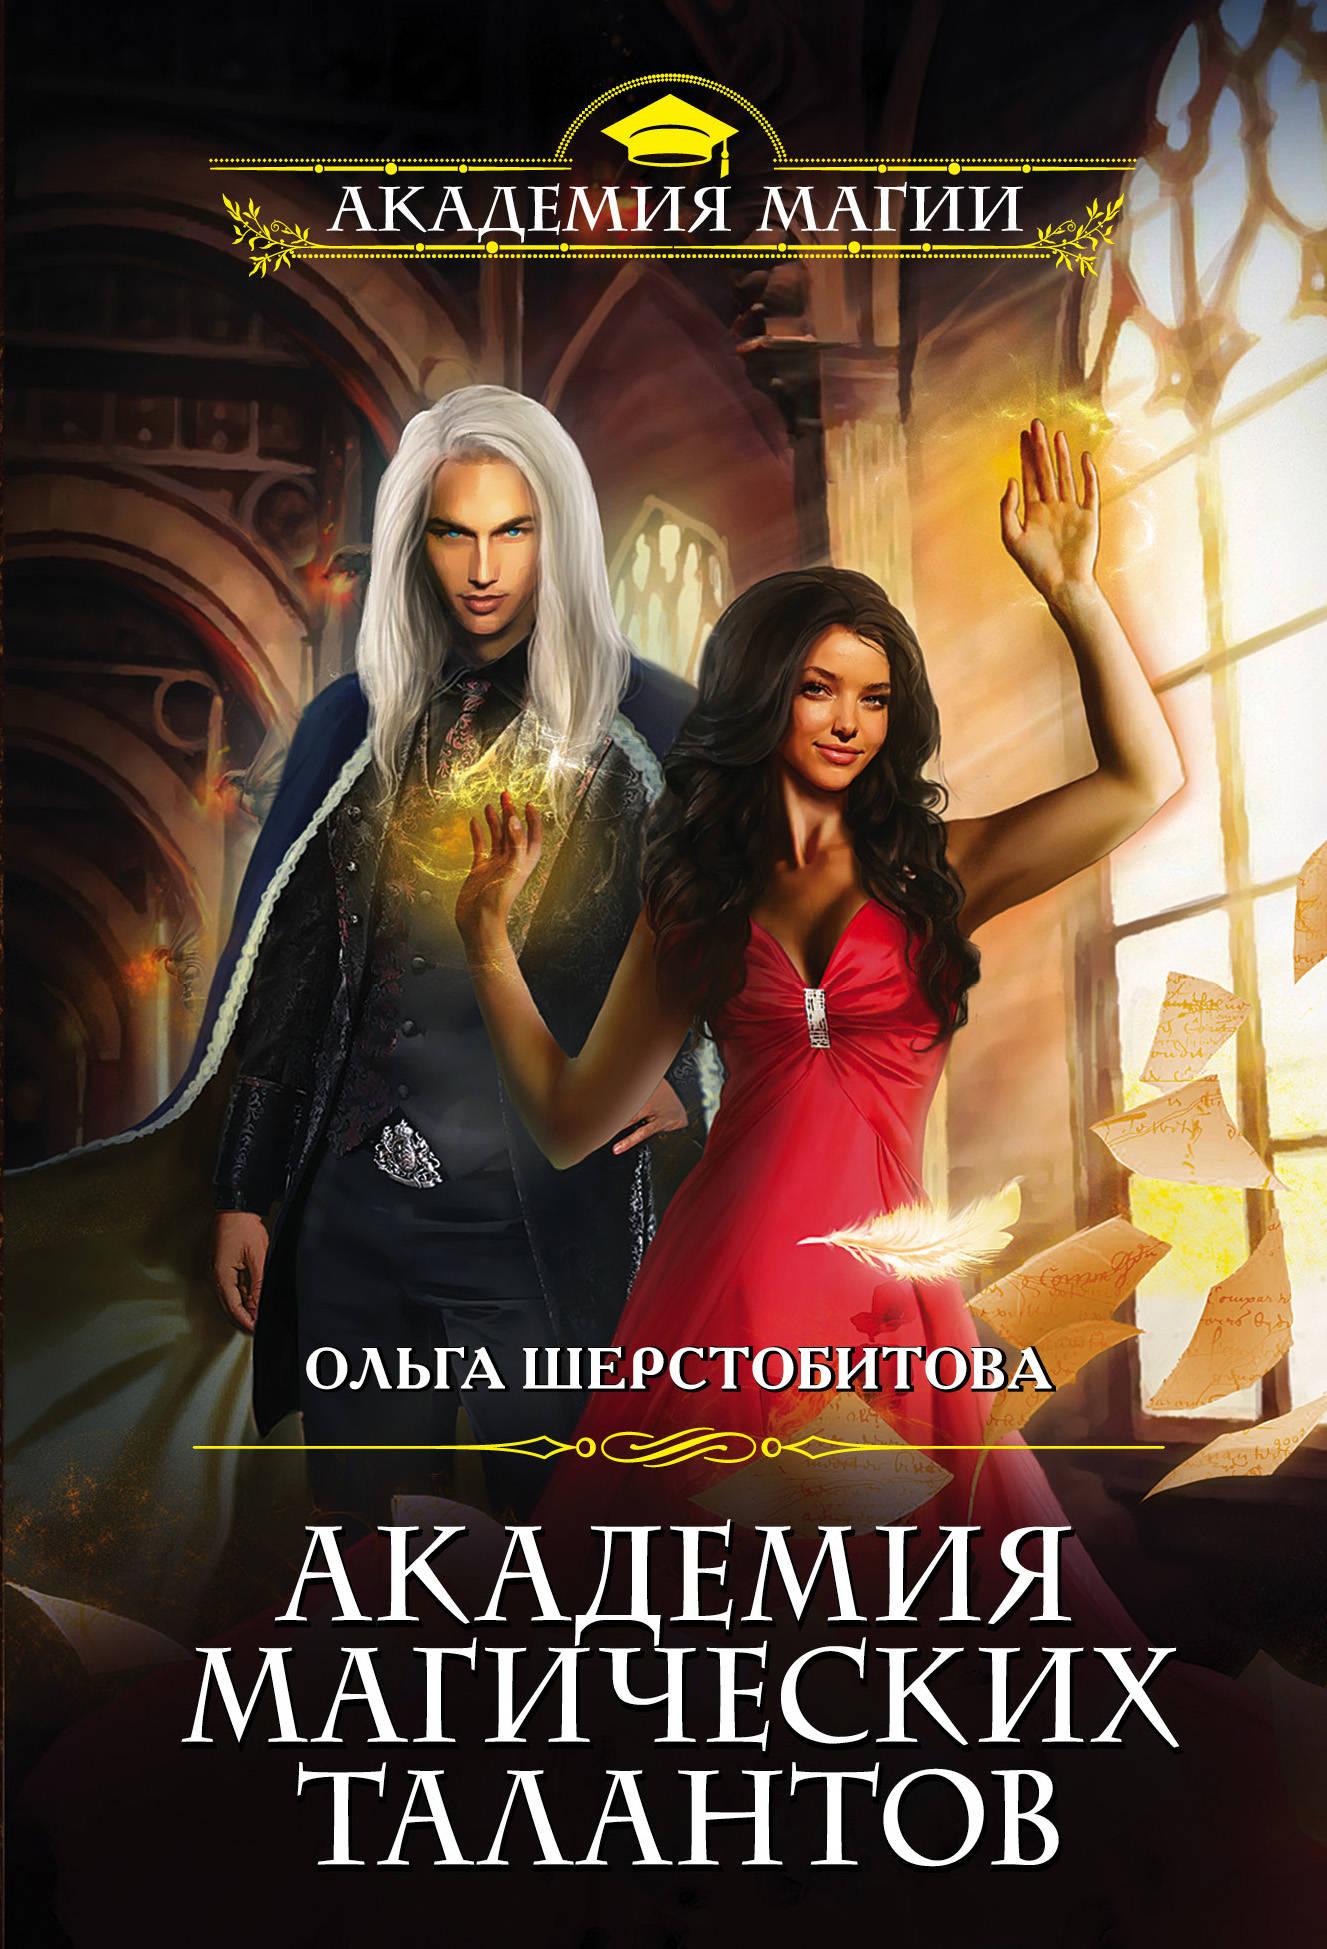 Ольга Шерстобитова «Академия Магических Талантов»